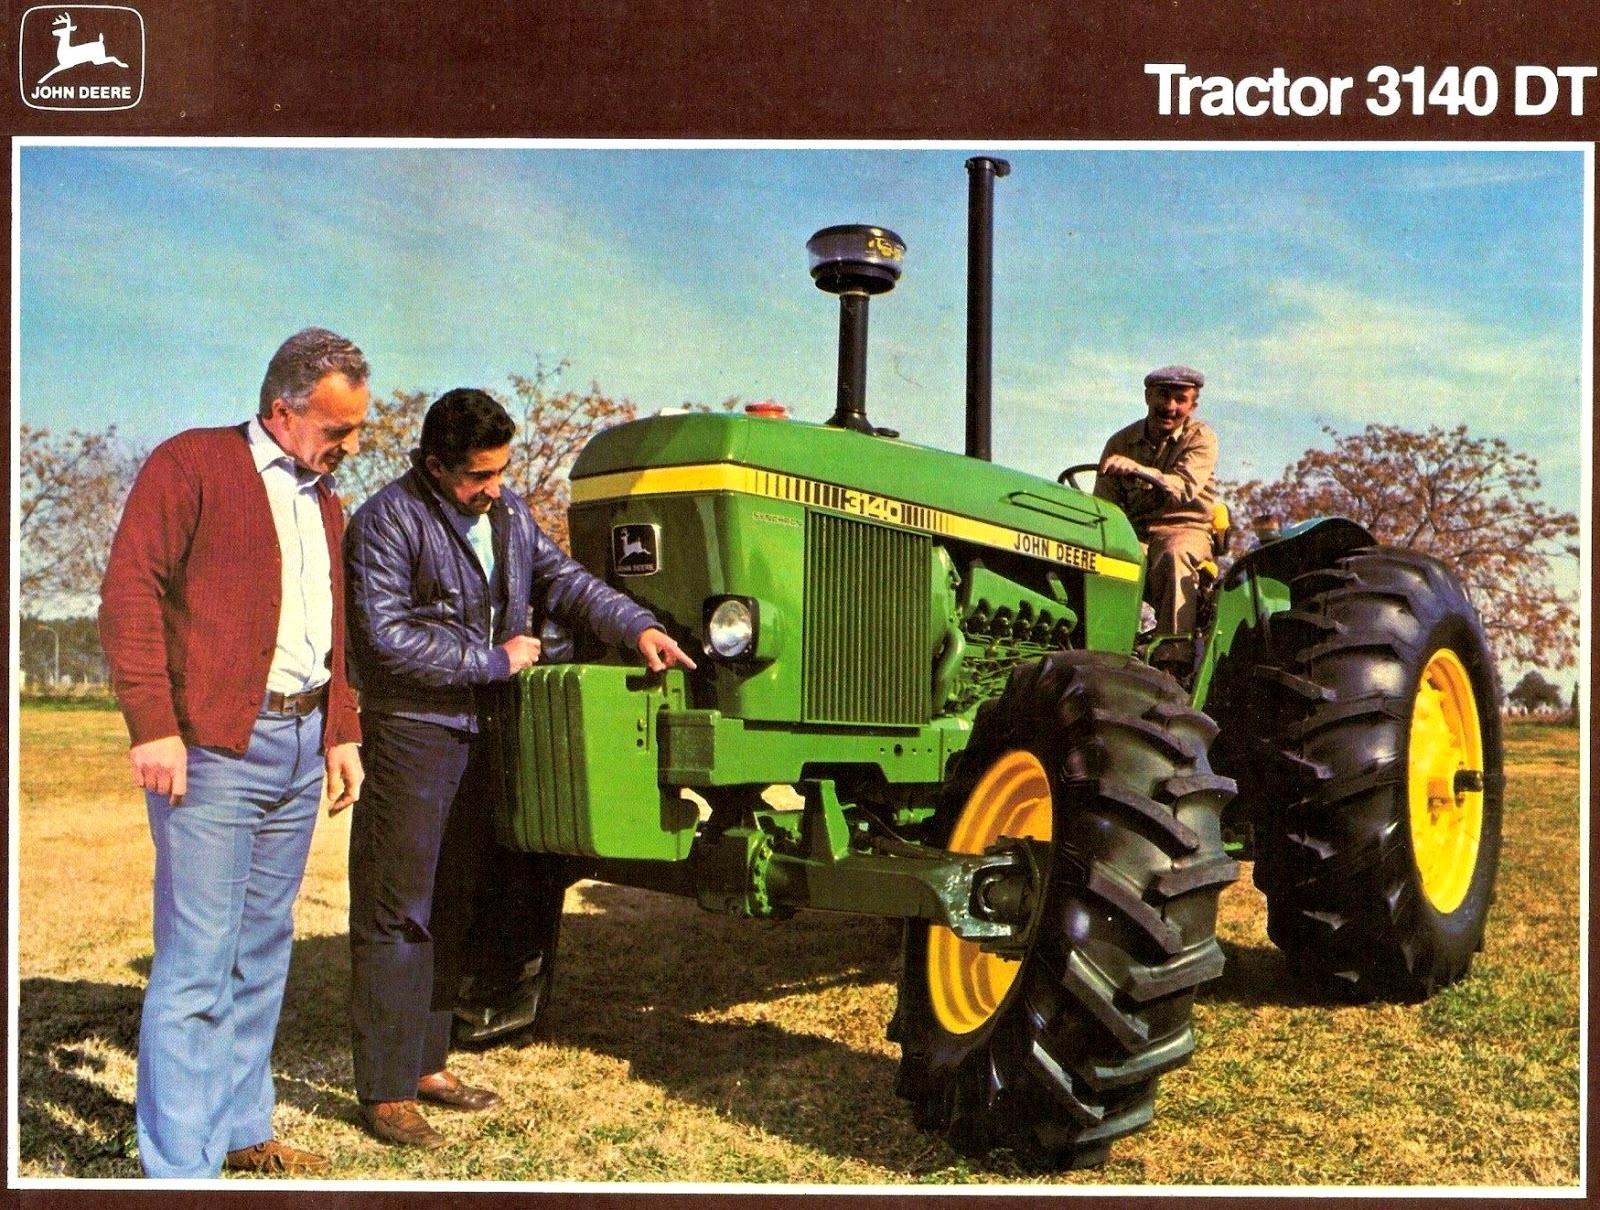 John Deere Wikipedia >> John Deere 3140 Tractor Construction Plant Wiki Fandom